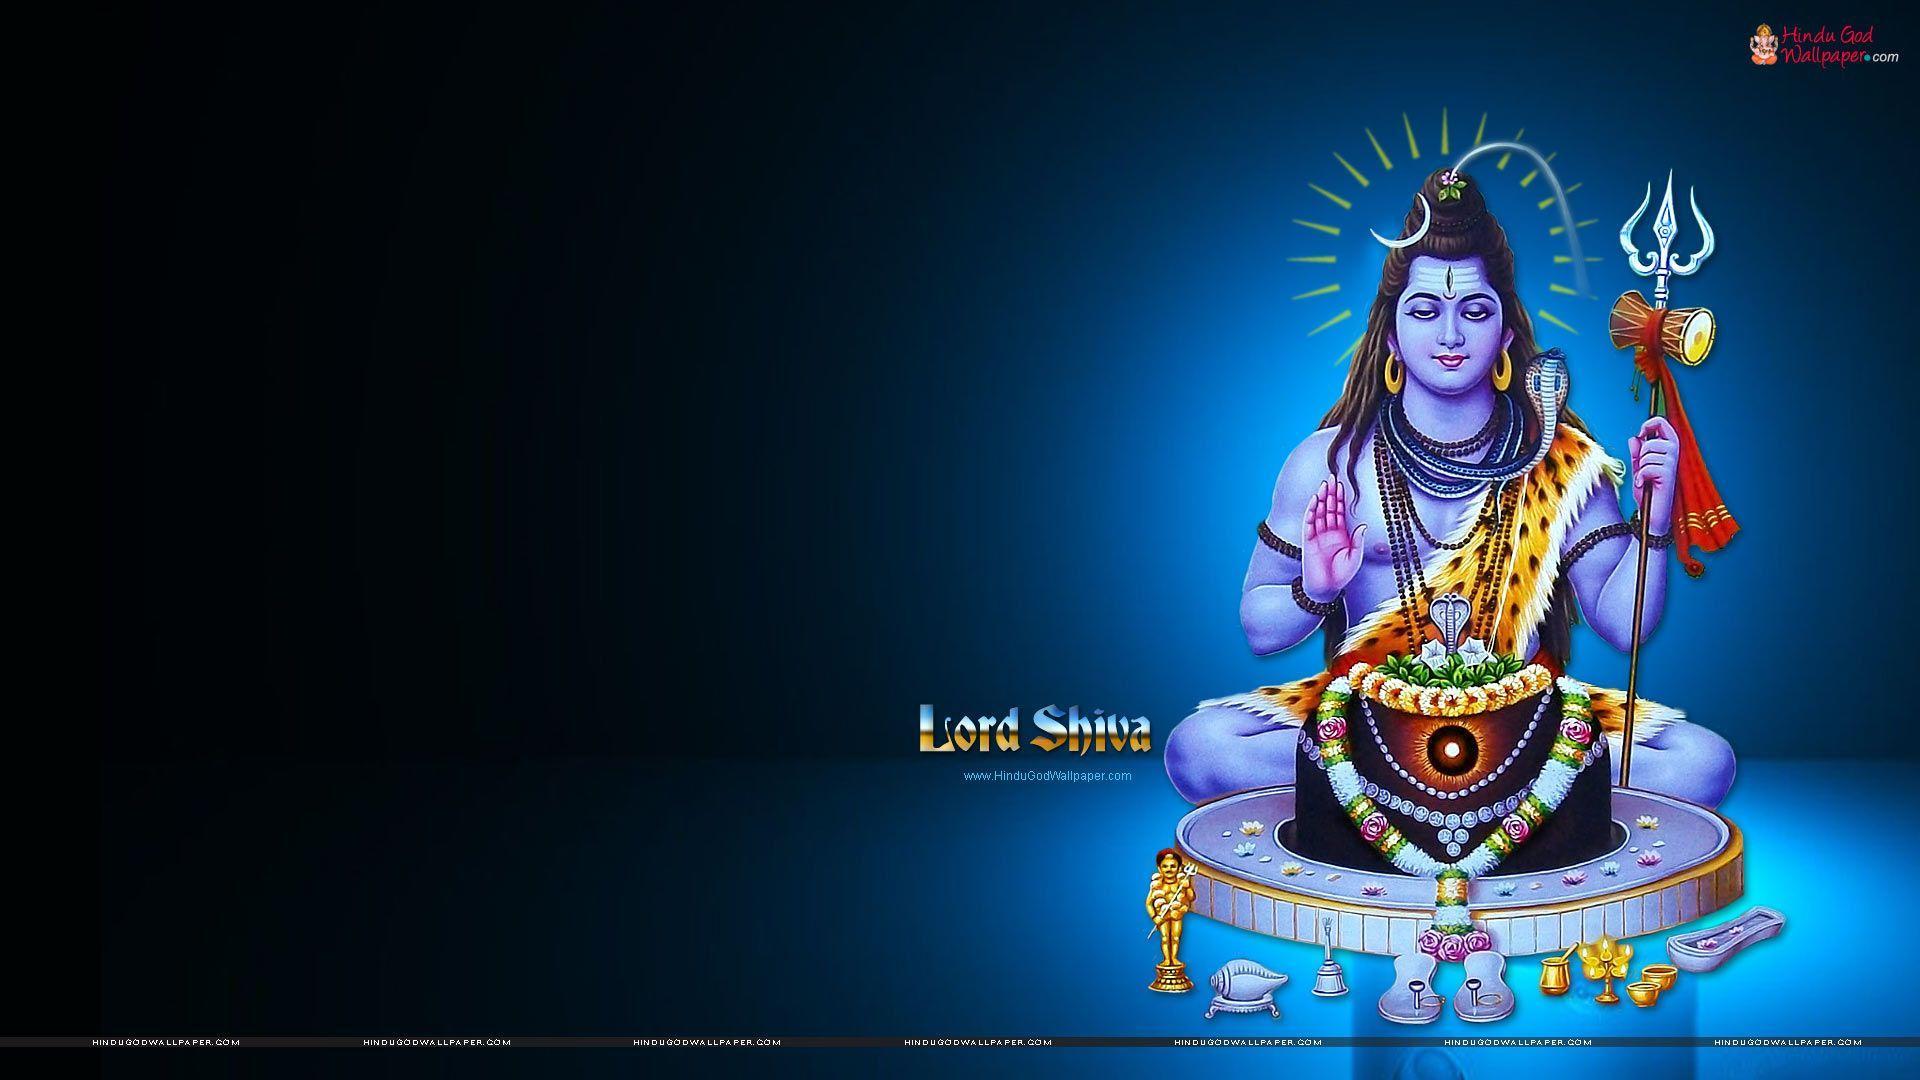 1920x1080 Tải xuống miễn phí Hình nền Hình nền HD Danh mục Chúa Shiva